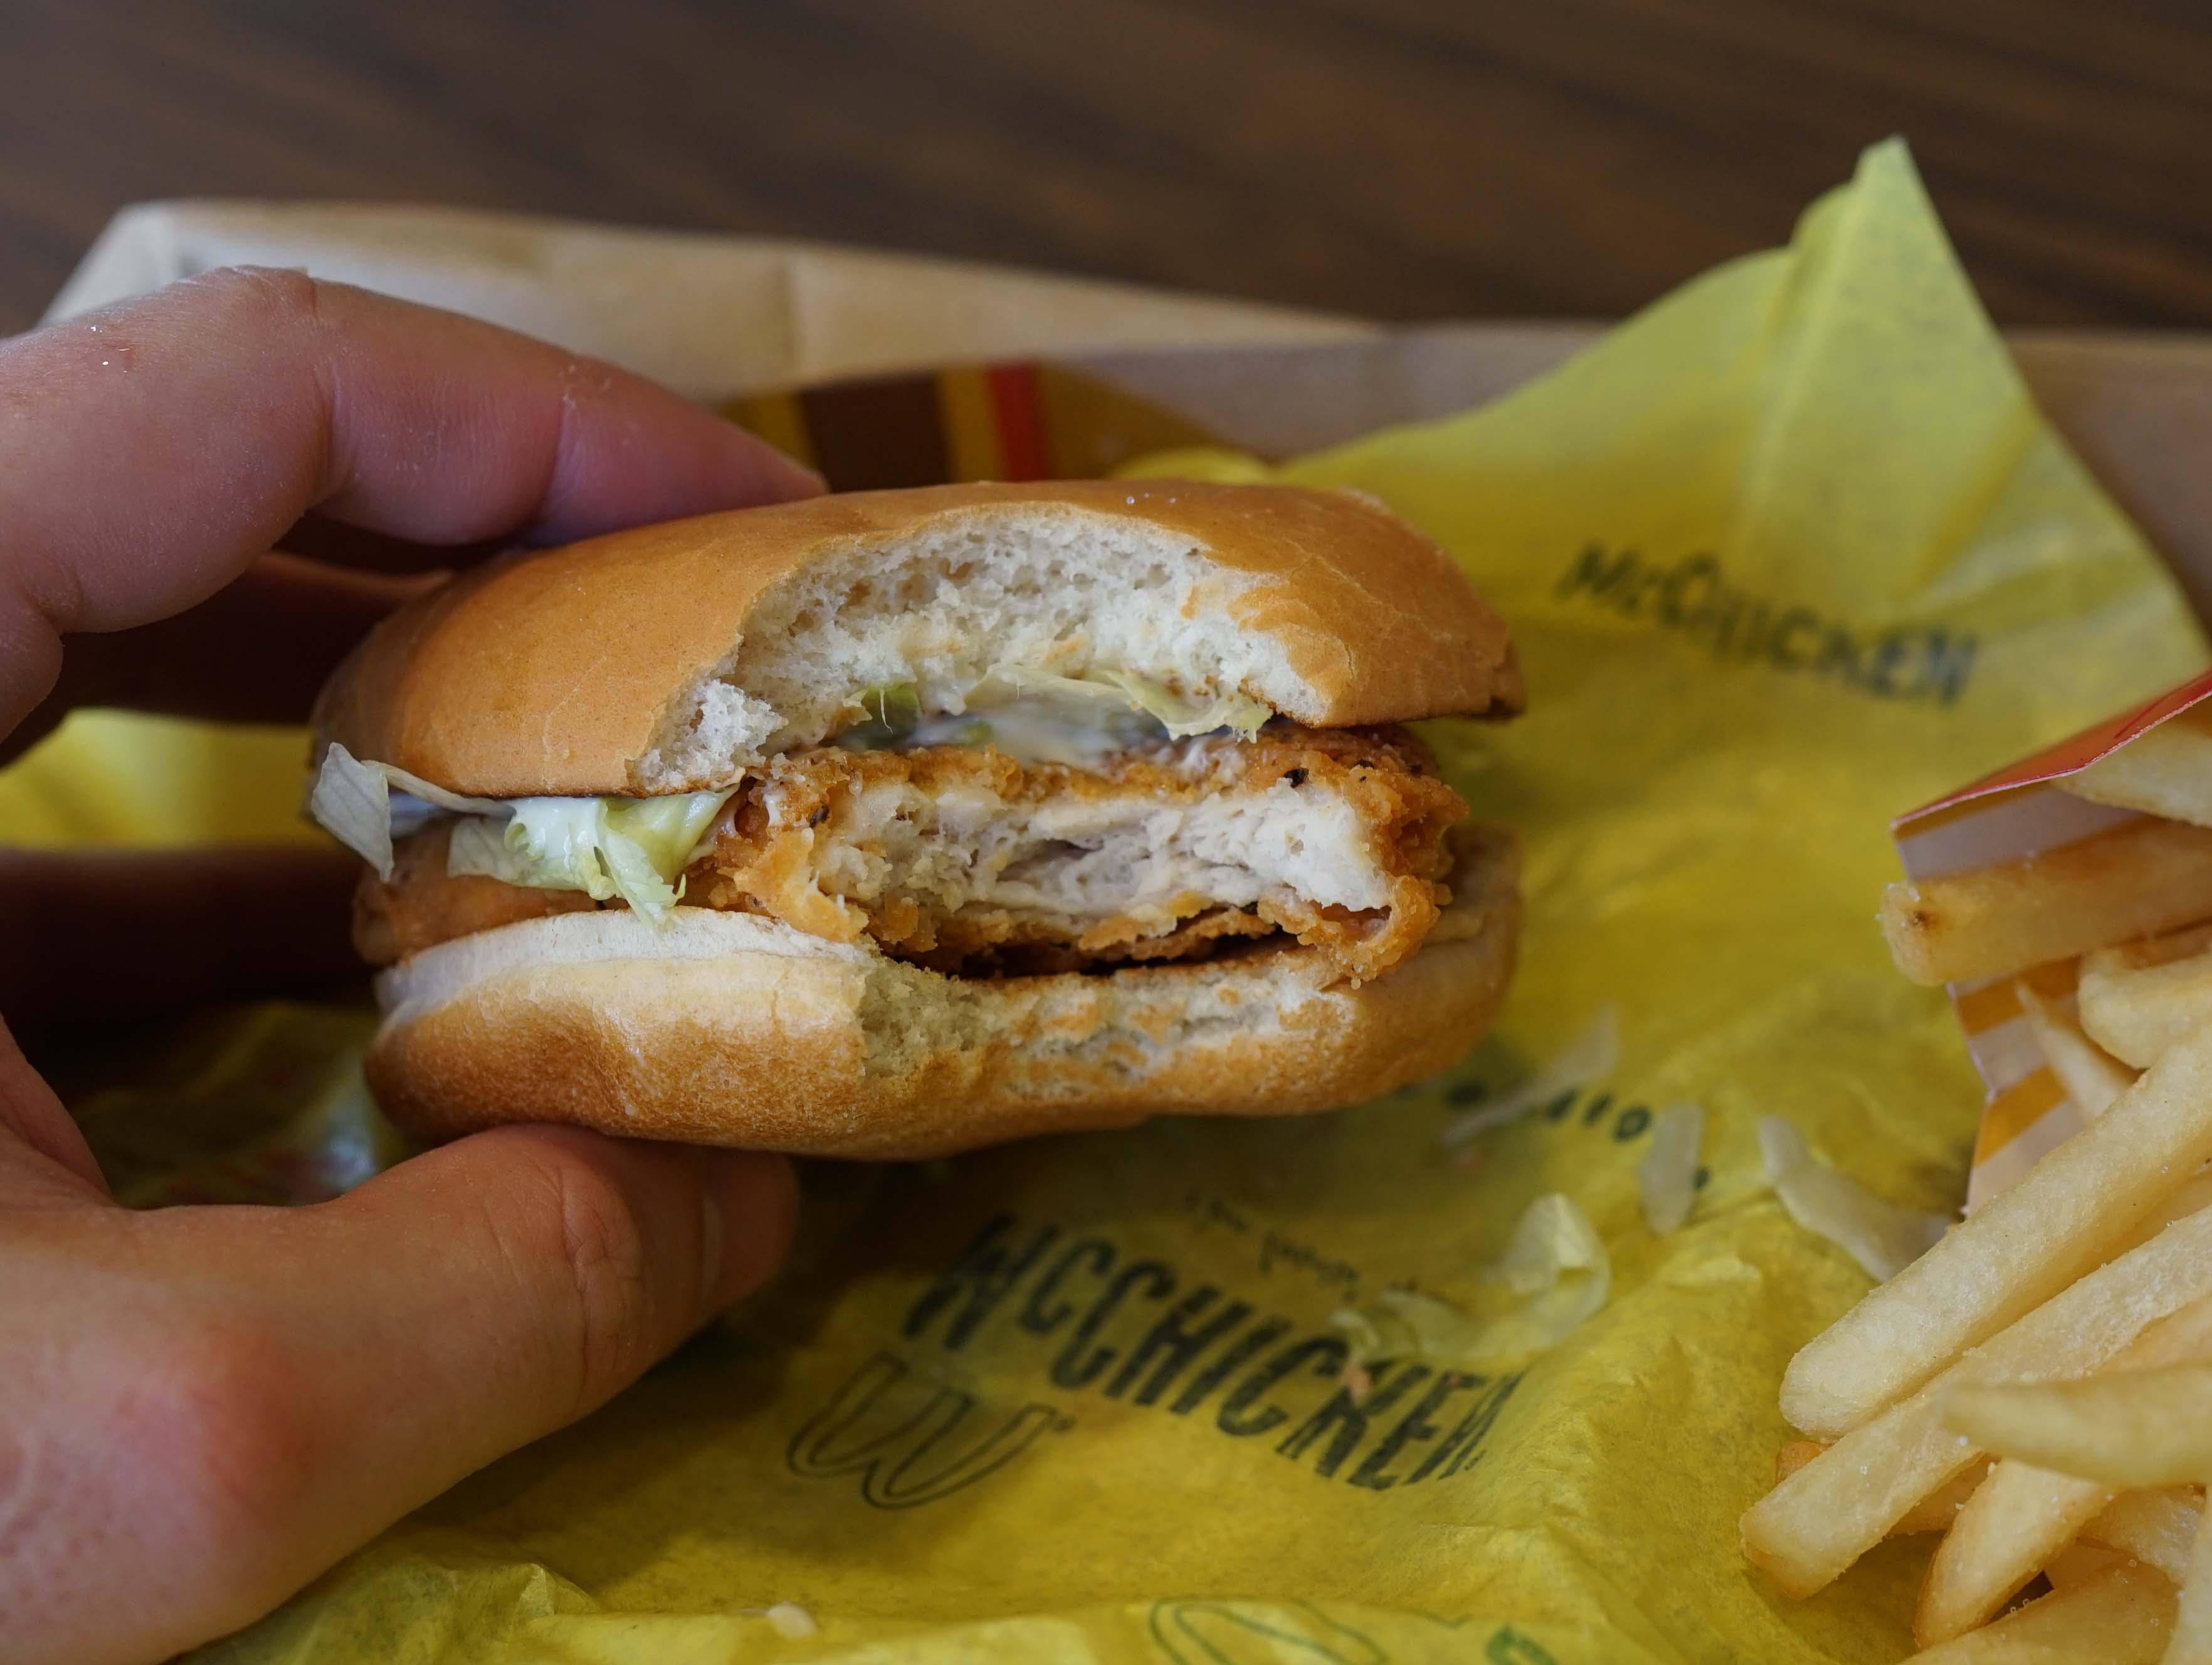 McDonalds chicken sandwich bite